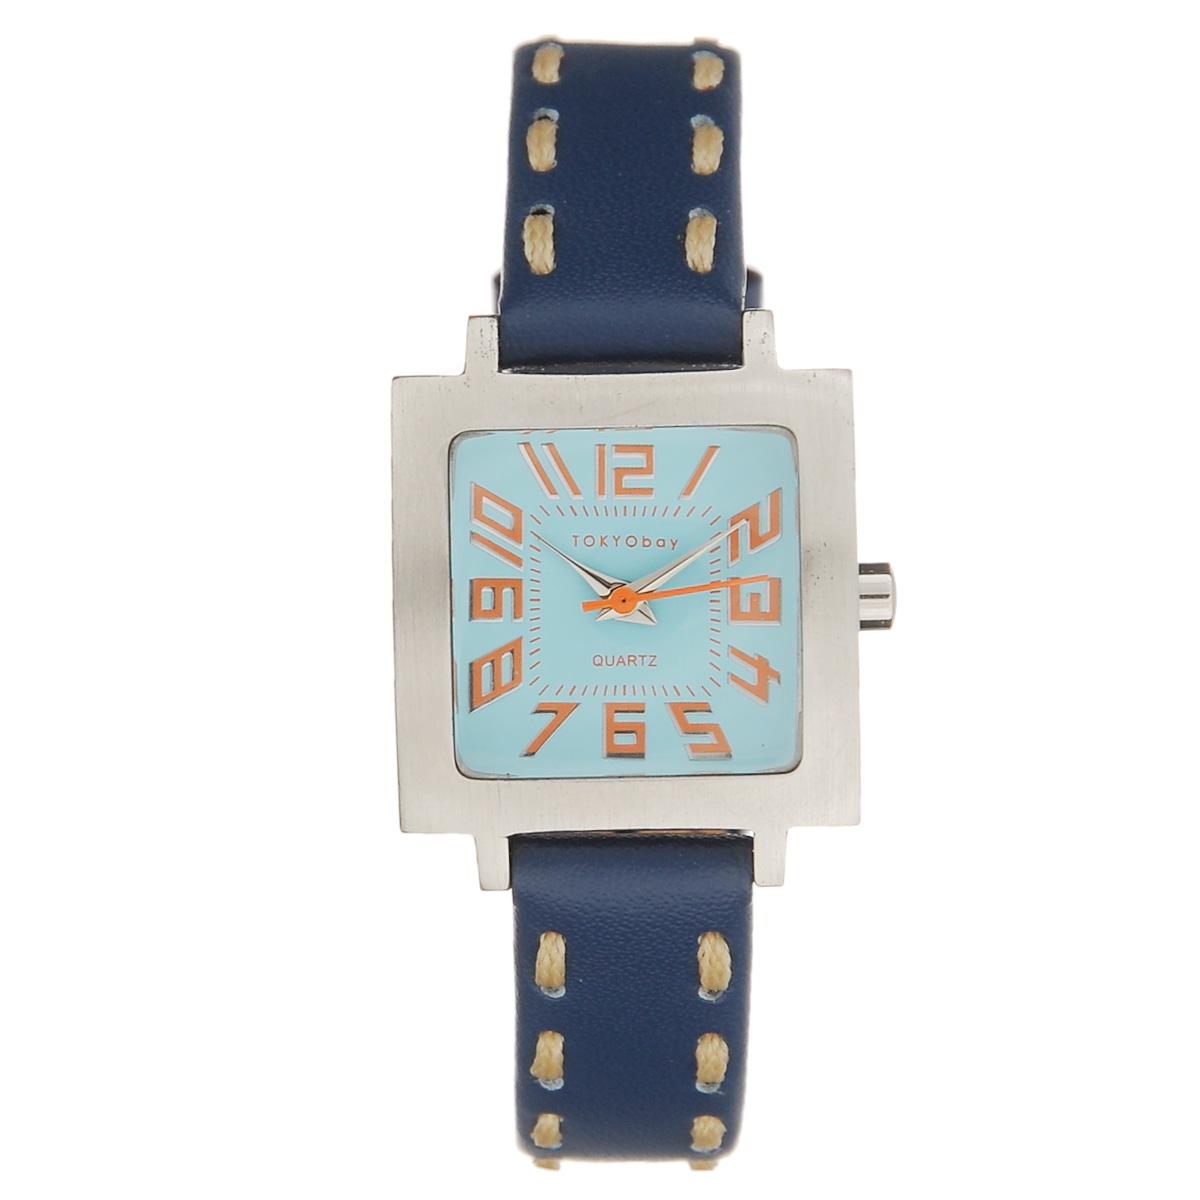 Часы женские наручные Tokyobay Tramette, цвет: синий, голубой, оранжевый. T205-BLT205-BLЧасы оснащены японским кварцевым механизмом Miyota. Корпус выполнен из сплава металлов, не содержащего никель. Задняя крышка изготовлена из нержавеющей стали. Циферблат оформлен крупными арабскими цифрами, имеет три стрелки - часовую, минутную и секундную. Циферблат защищен ударопрочным оптическим пластиком. Ремешок выполнен из натуральной кожи и текстиля, застегивается на классическую застежку-пряжку. Часы Tokyobay - это практичный и модный аксессуар, который подчеркнет ваш безупречный вкус. Характеристики: Корпус: 2,2 х 2,2 х 0,8 см. Размер ремешка: 18 х 1,2 см. Не содержит никель. Не водостойкие.